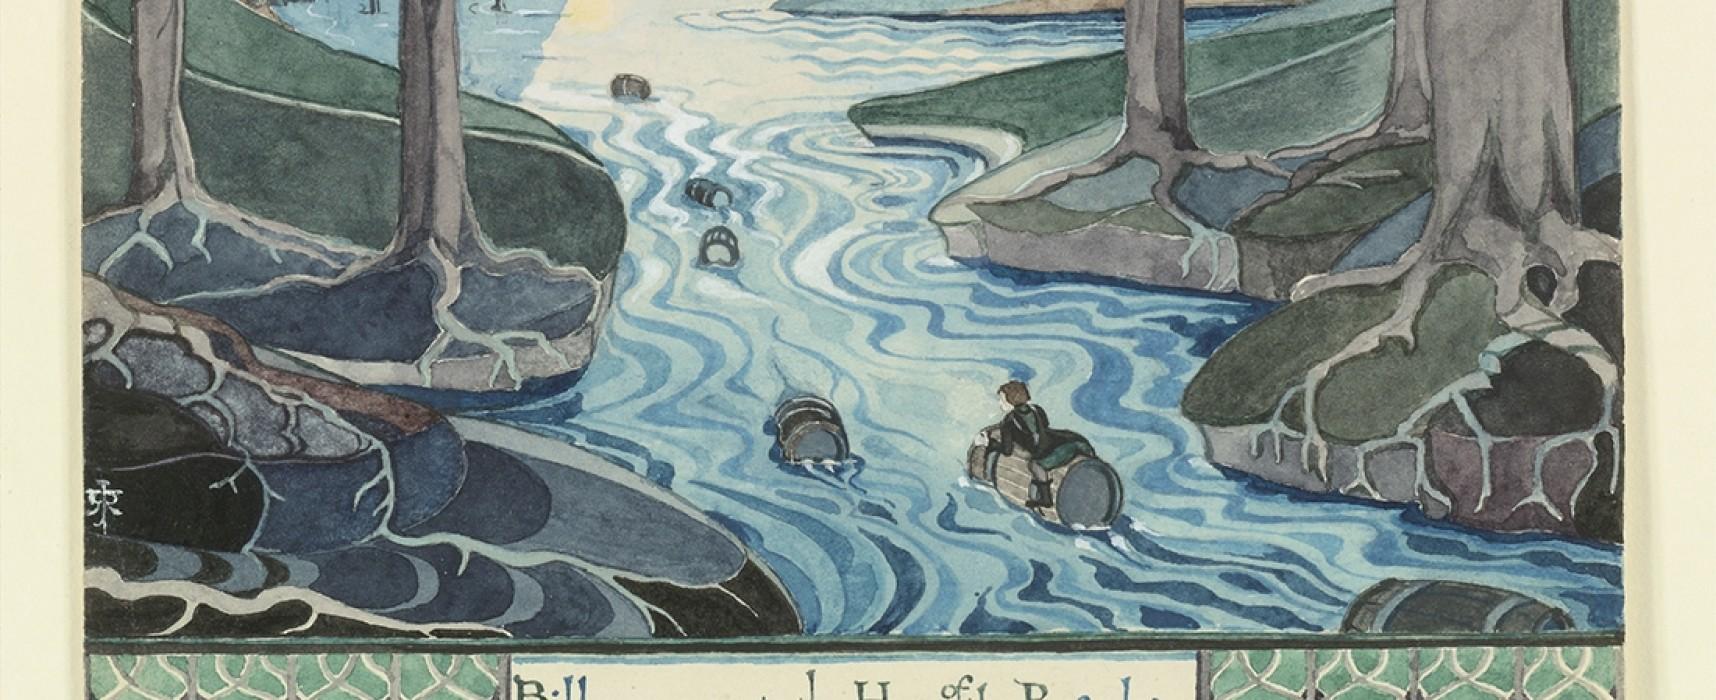 L'invité culture #RFI «Aubusson tisse Tolkien», les aventures Bilbo, Gandalf et les autres… sur tapisserie